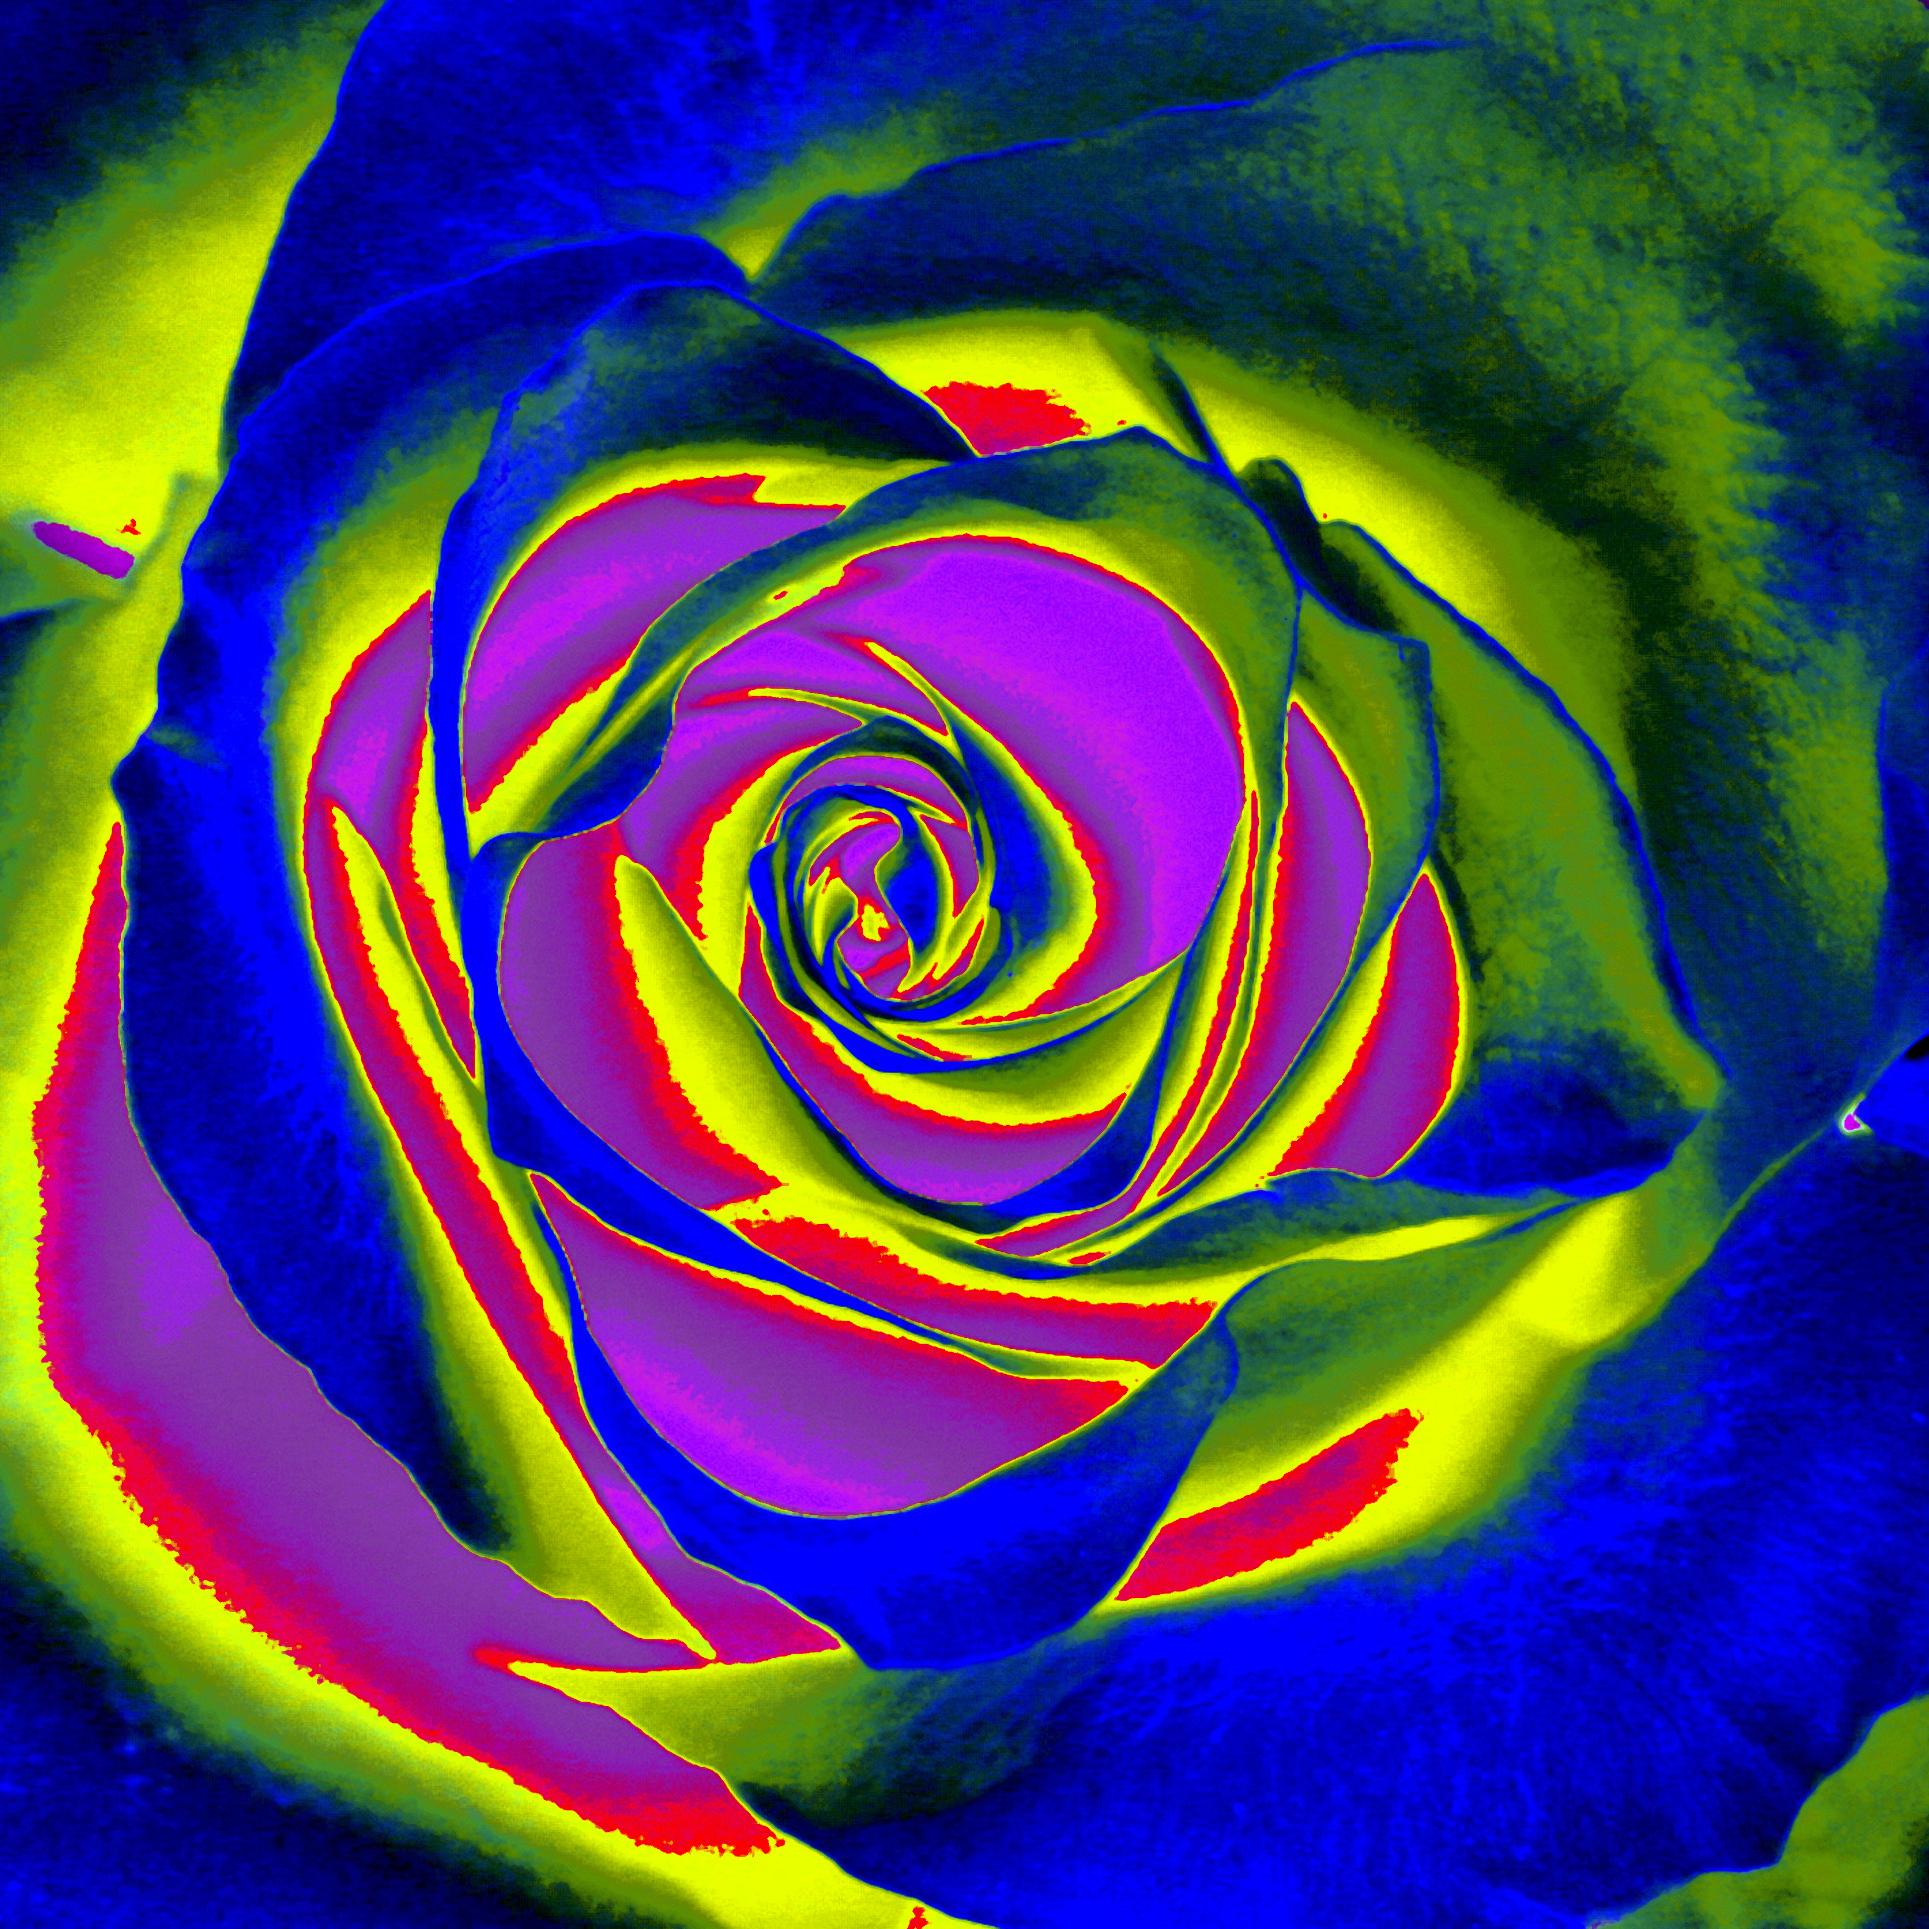 Salad as a rose/ Šalát ako ruža